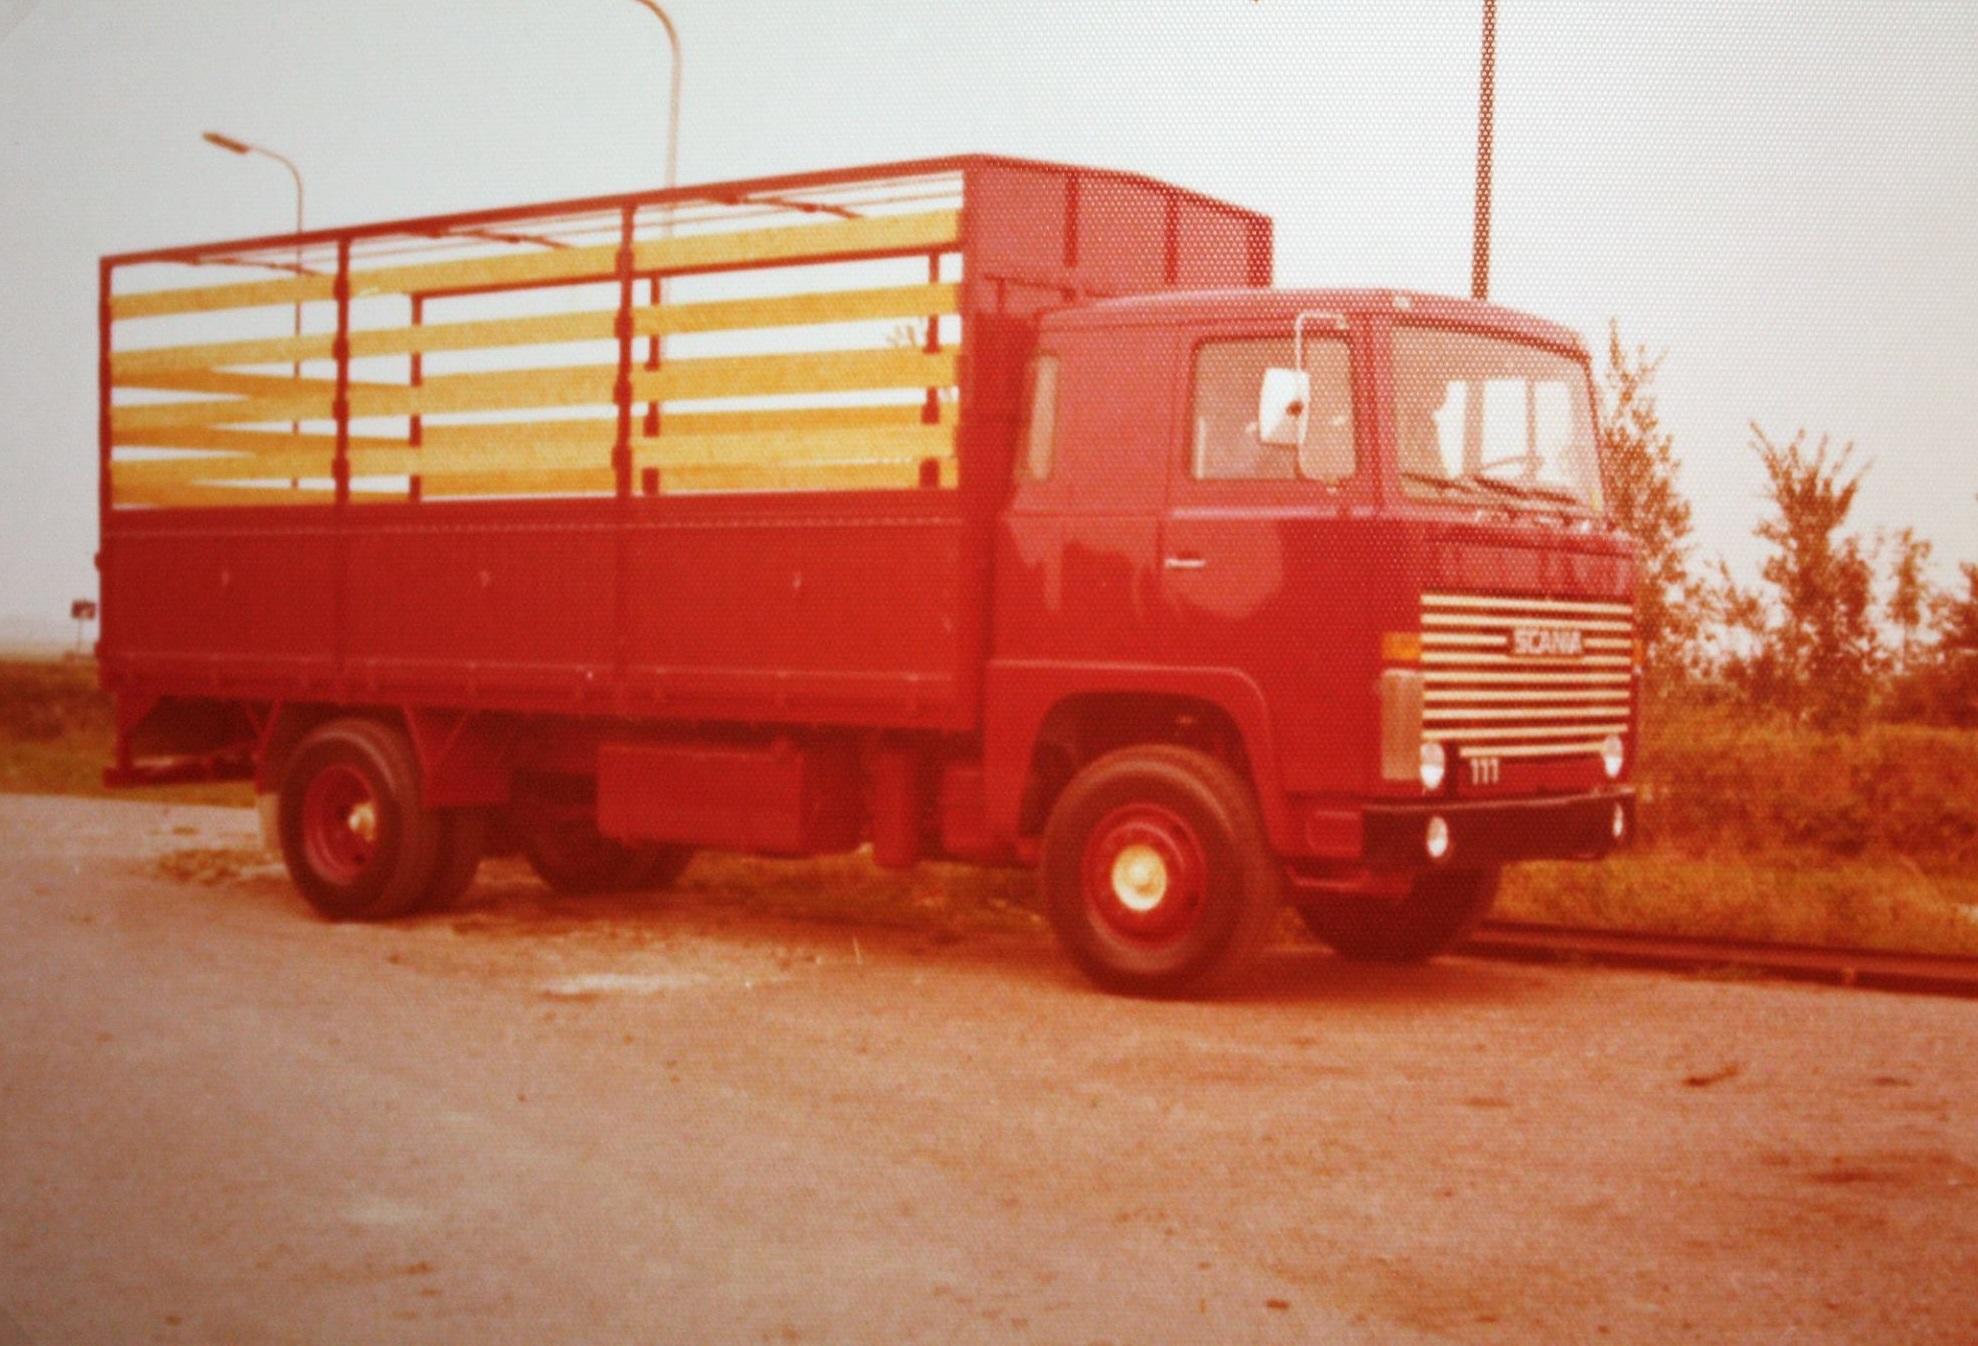 Scania-Vabis-is-de-laadbak-met-huif-door-Rondaan-in-Beetgum-gebouwd-voor-de-KLMV-uit-St-Annaparochie